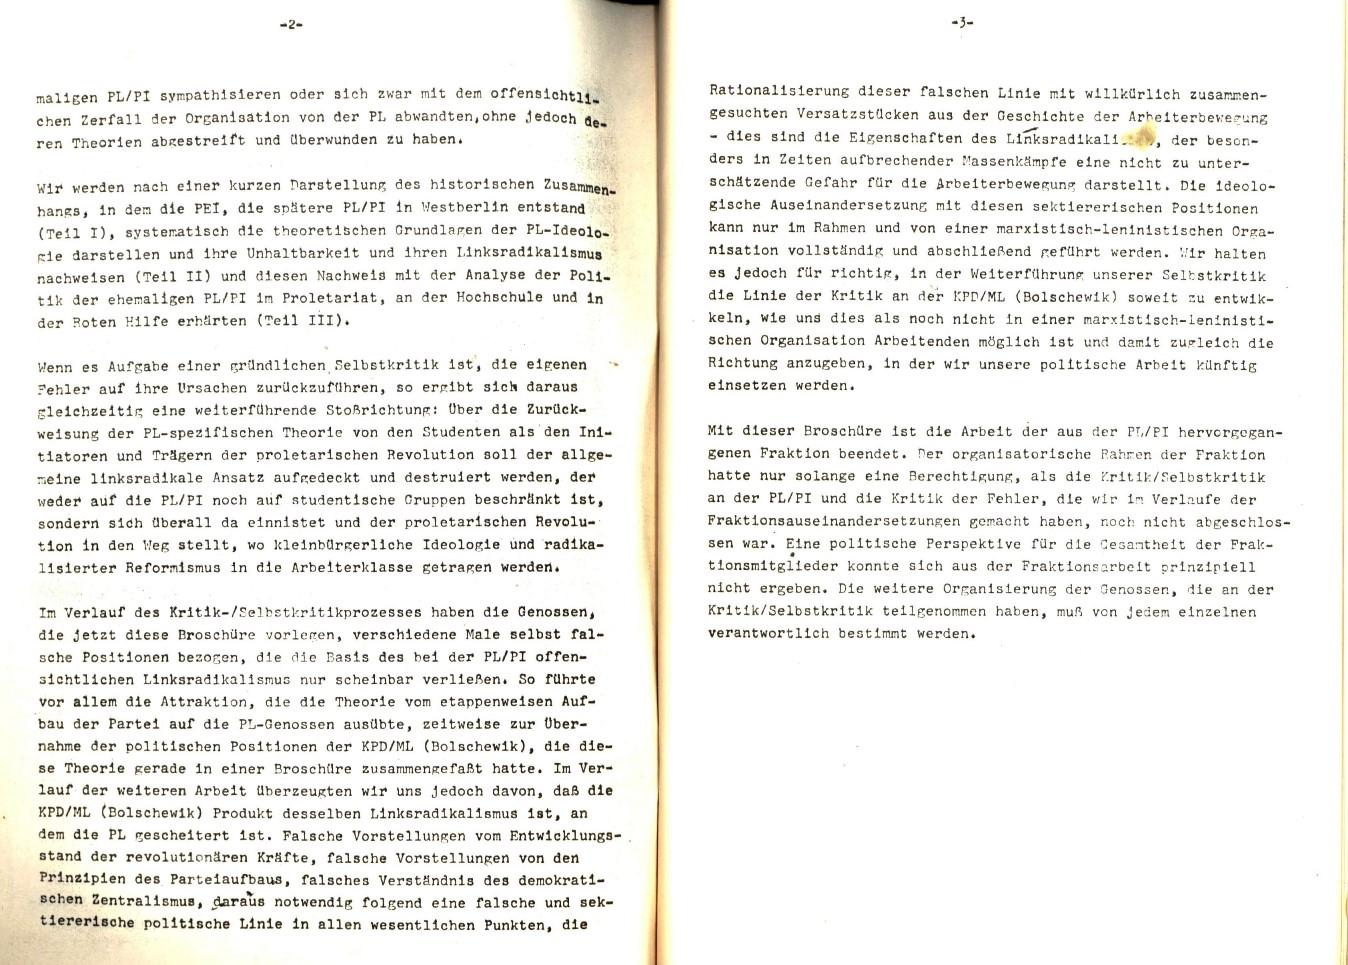 PLPI_1971_Aufloesung_04